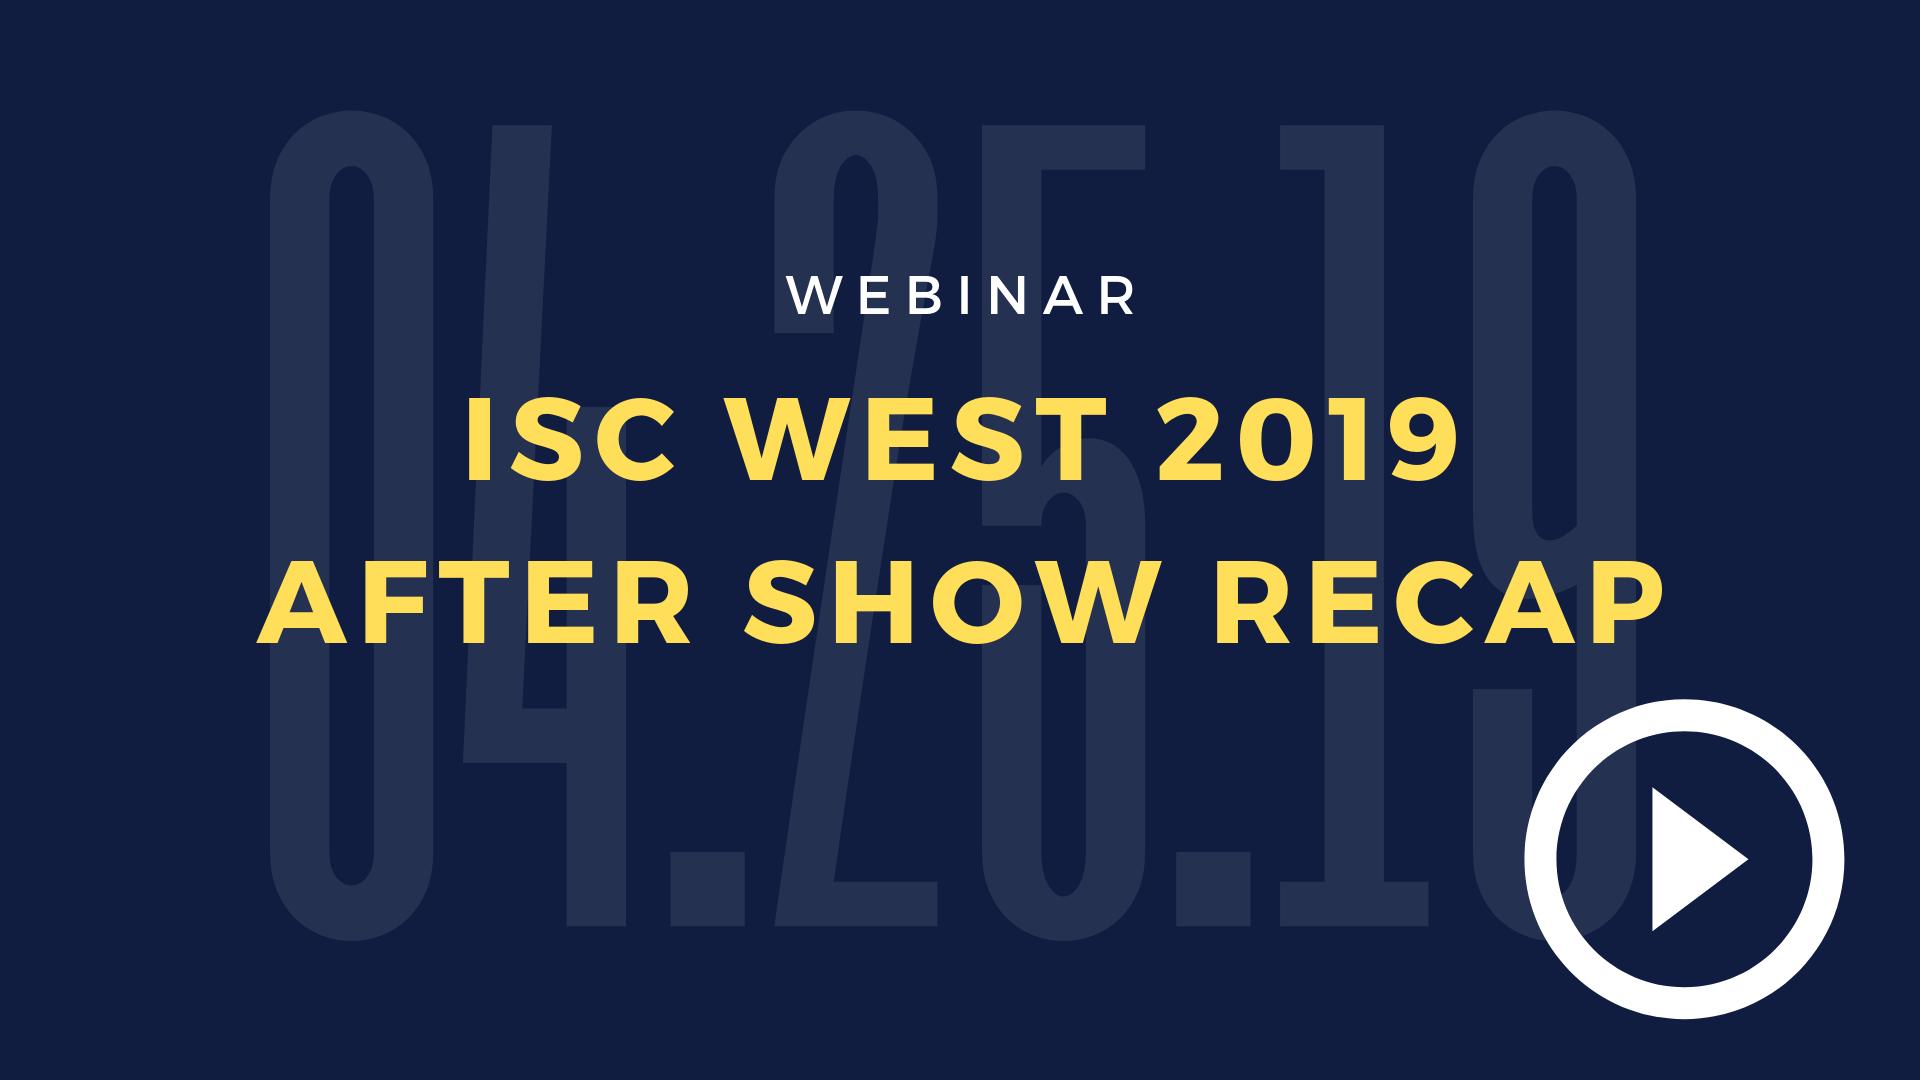 ISC West 2019 Recap Webinar